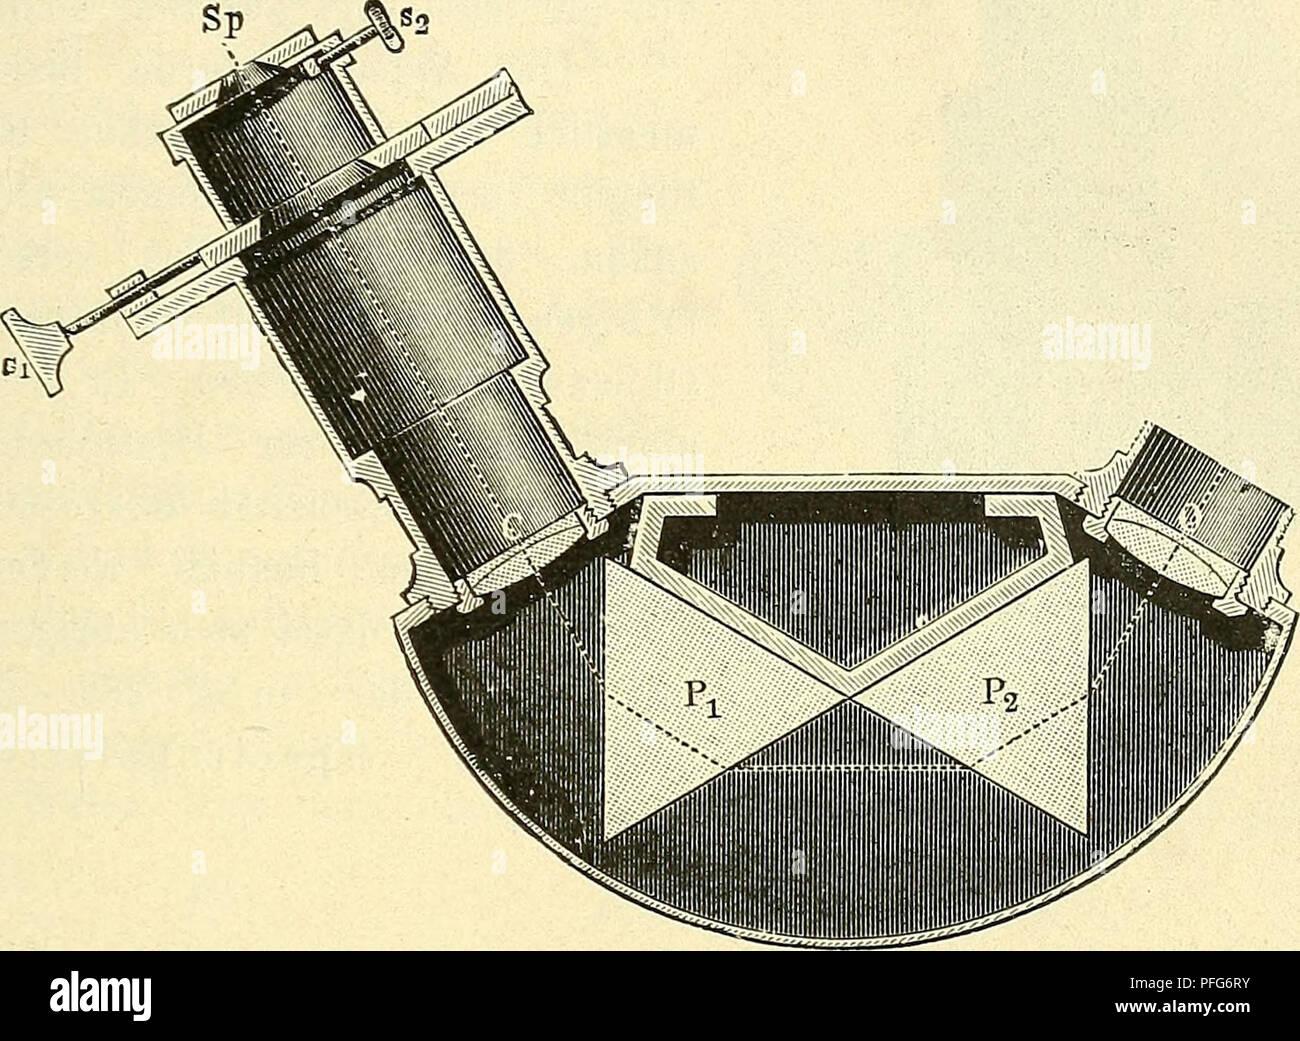 . Das Mikroskop. Ein Leitfaden der wissenschaftlichen Mikroskopie. Microscopy; Microscopes. 189 Abbe'schen Beleucbtungsapparates angebracht und besteht in der Haupt- sache aus dem mit Hilfe der Schraube s2 beliebig enger oder weiter zu stellenden Spalte (Sp), der Collimatorlinse C, den beiden Prismen Px. Fig. 128. und P2 und der das Spectrum in die Objectebene projicierenden Linse 0. Die Schraube s1 dient schliesslich dazu, durch Verschiebung des Spaltes eine ganz bestimmte Spectralregion in das Gesichtsfeld zu bringen. Das Spectrum ist übrigens in diesem Falle so ausgedehnt, dass bei stärkere - Stock Image